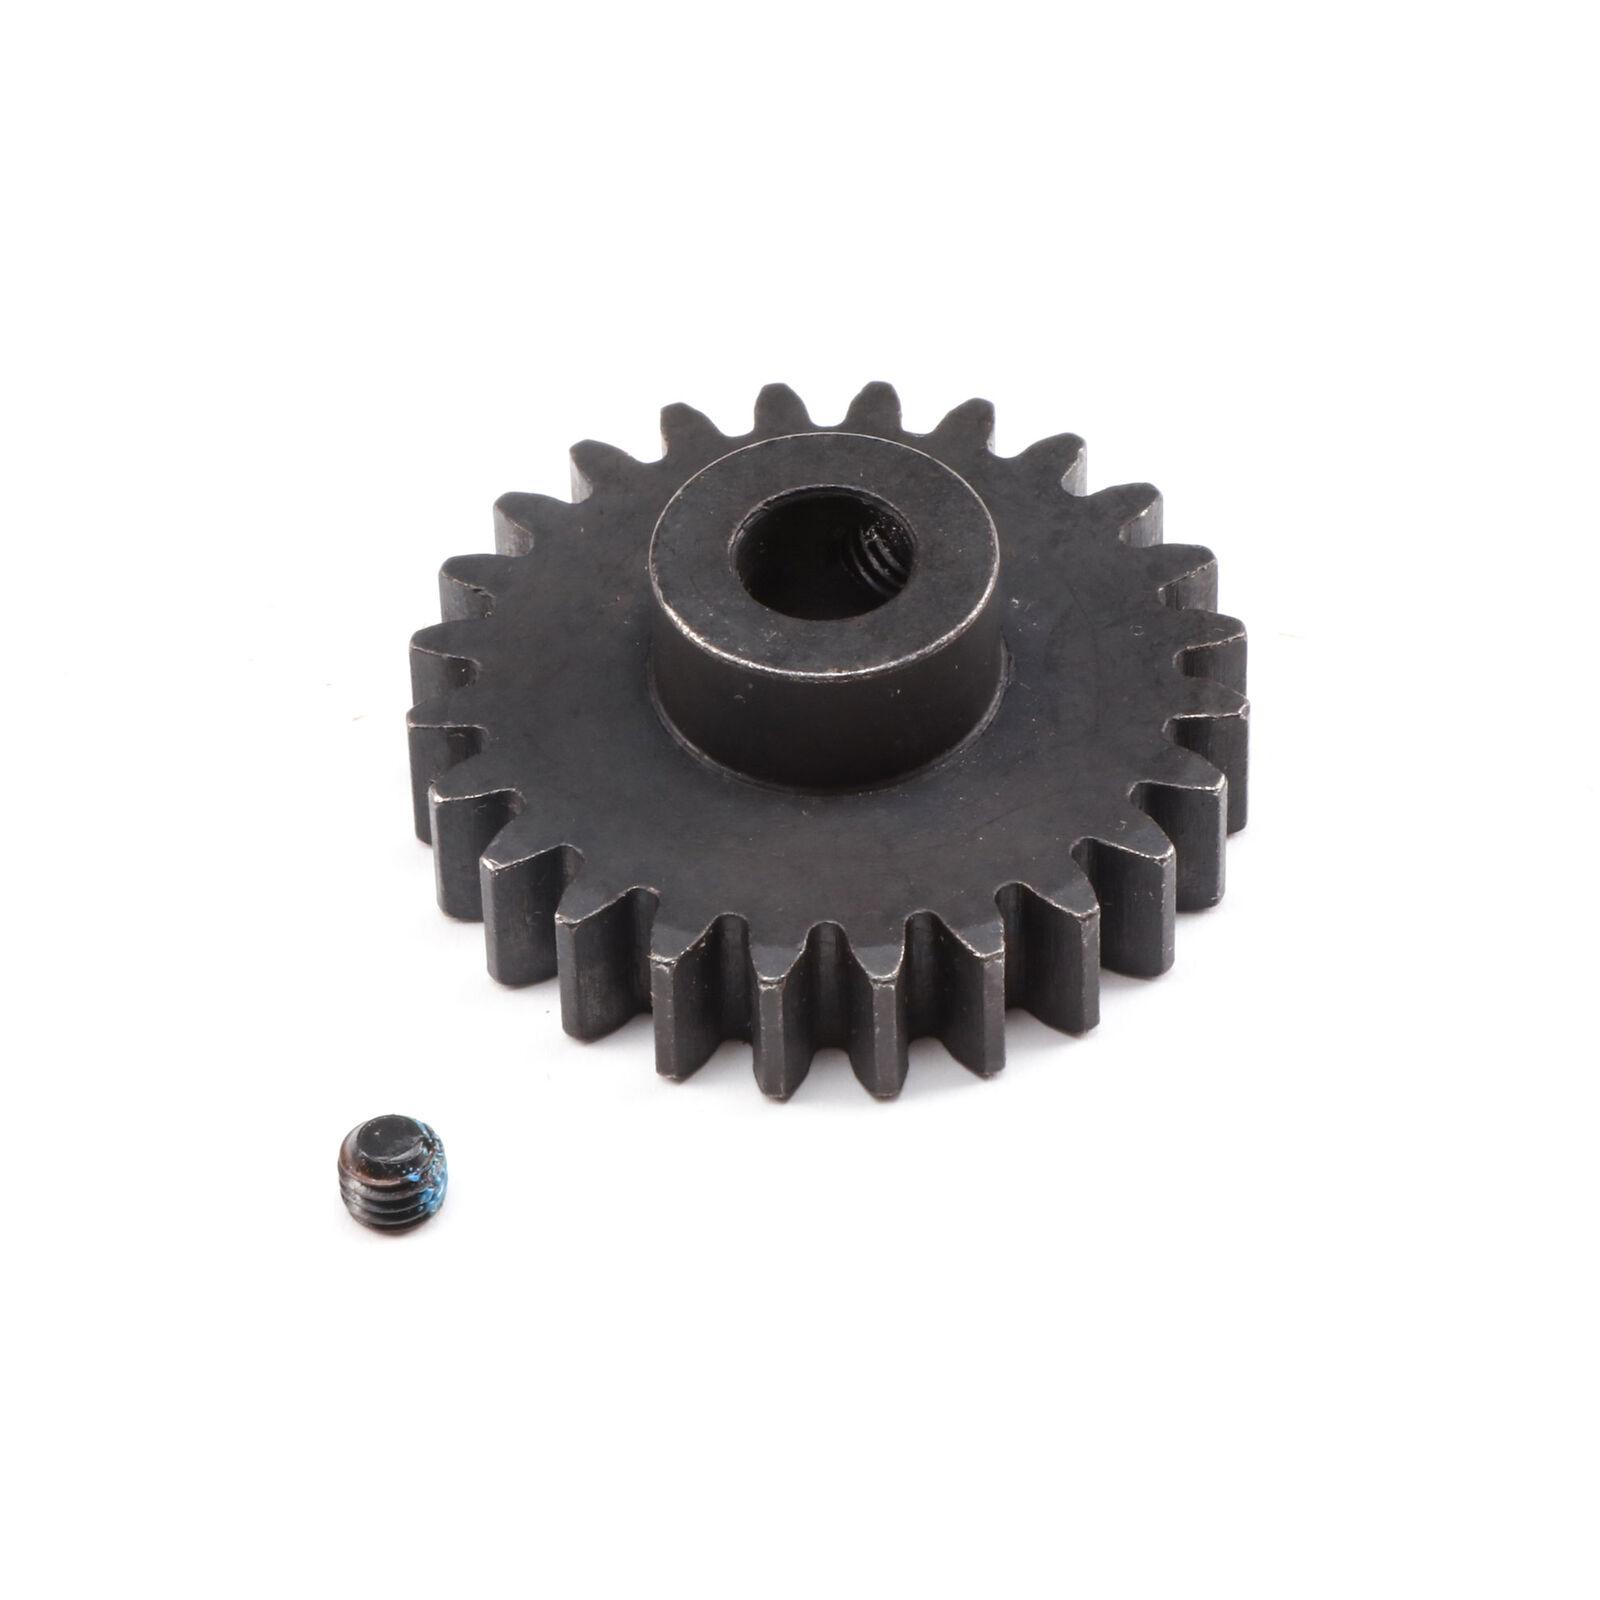 Pinion Gear 24T 8mm Shaft 1.5M